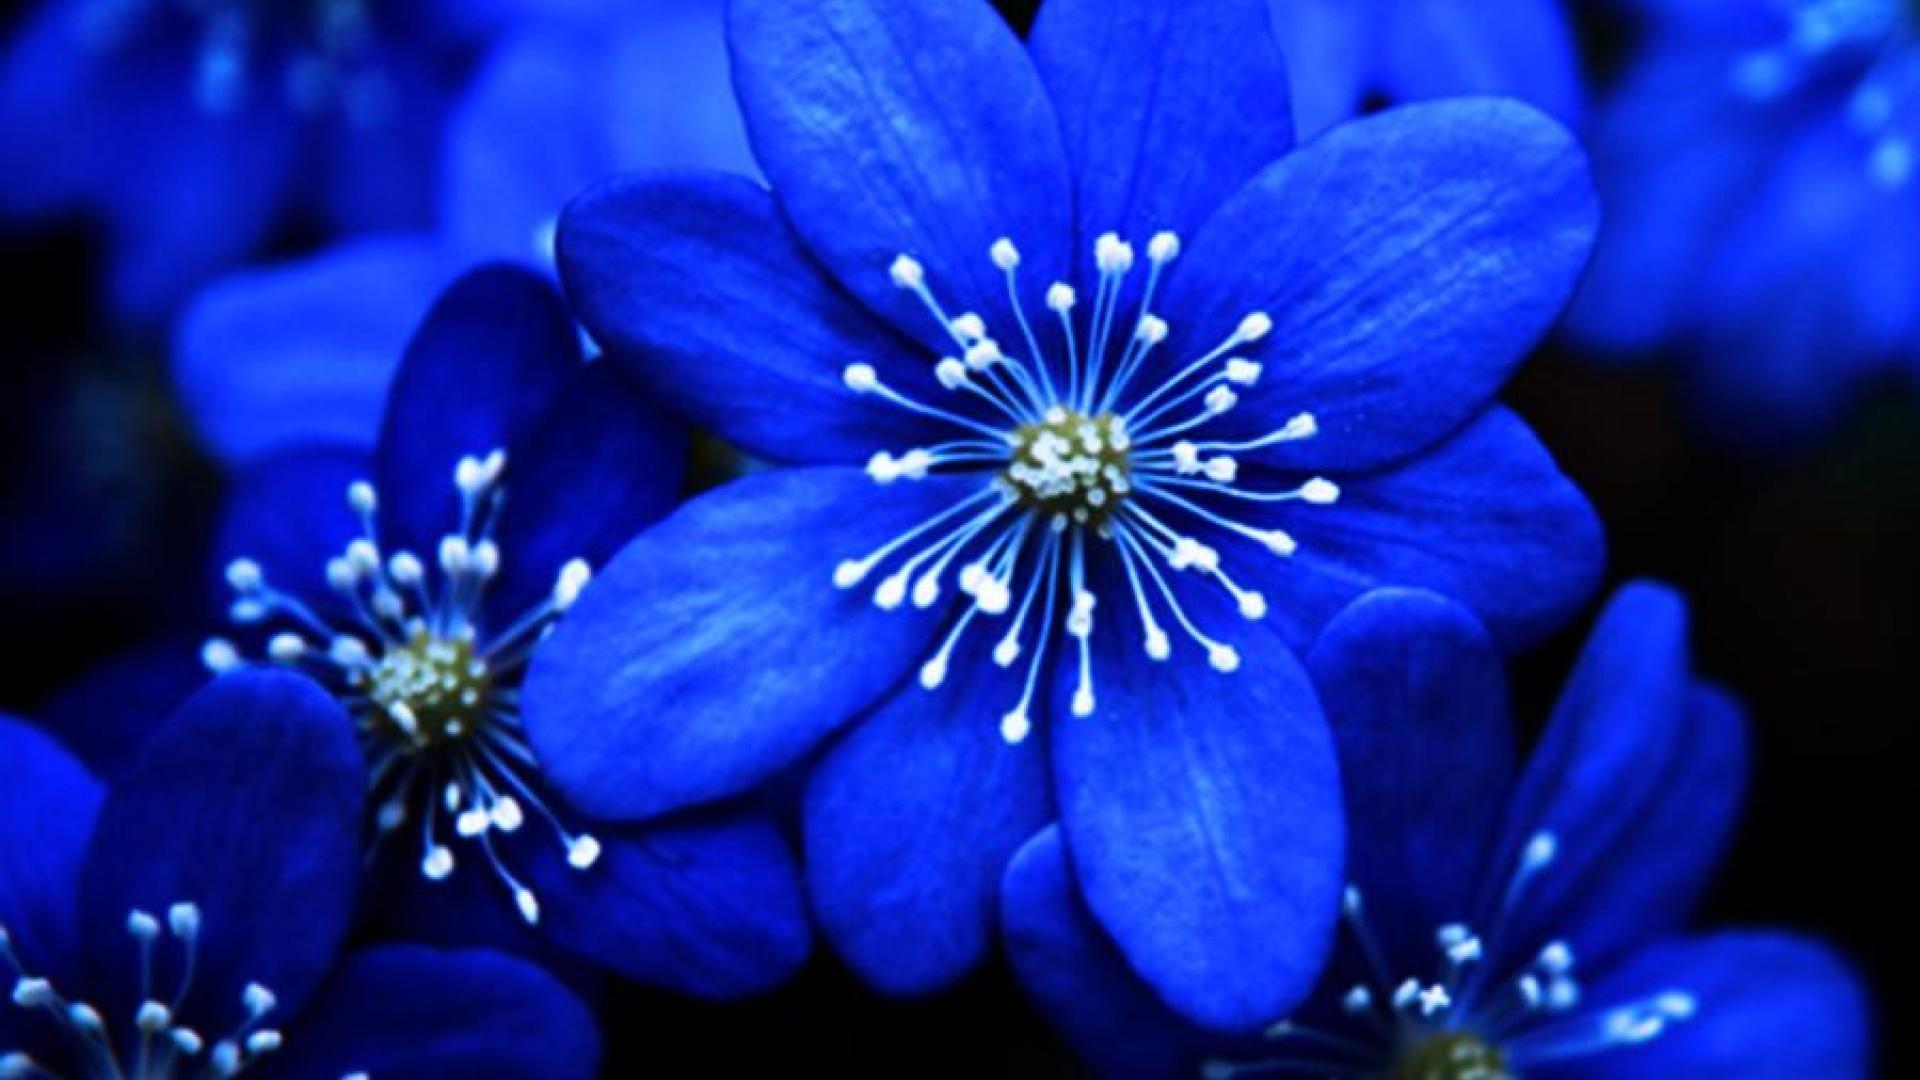 Permalink to Hd Wallpaper Flower Blue